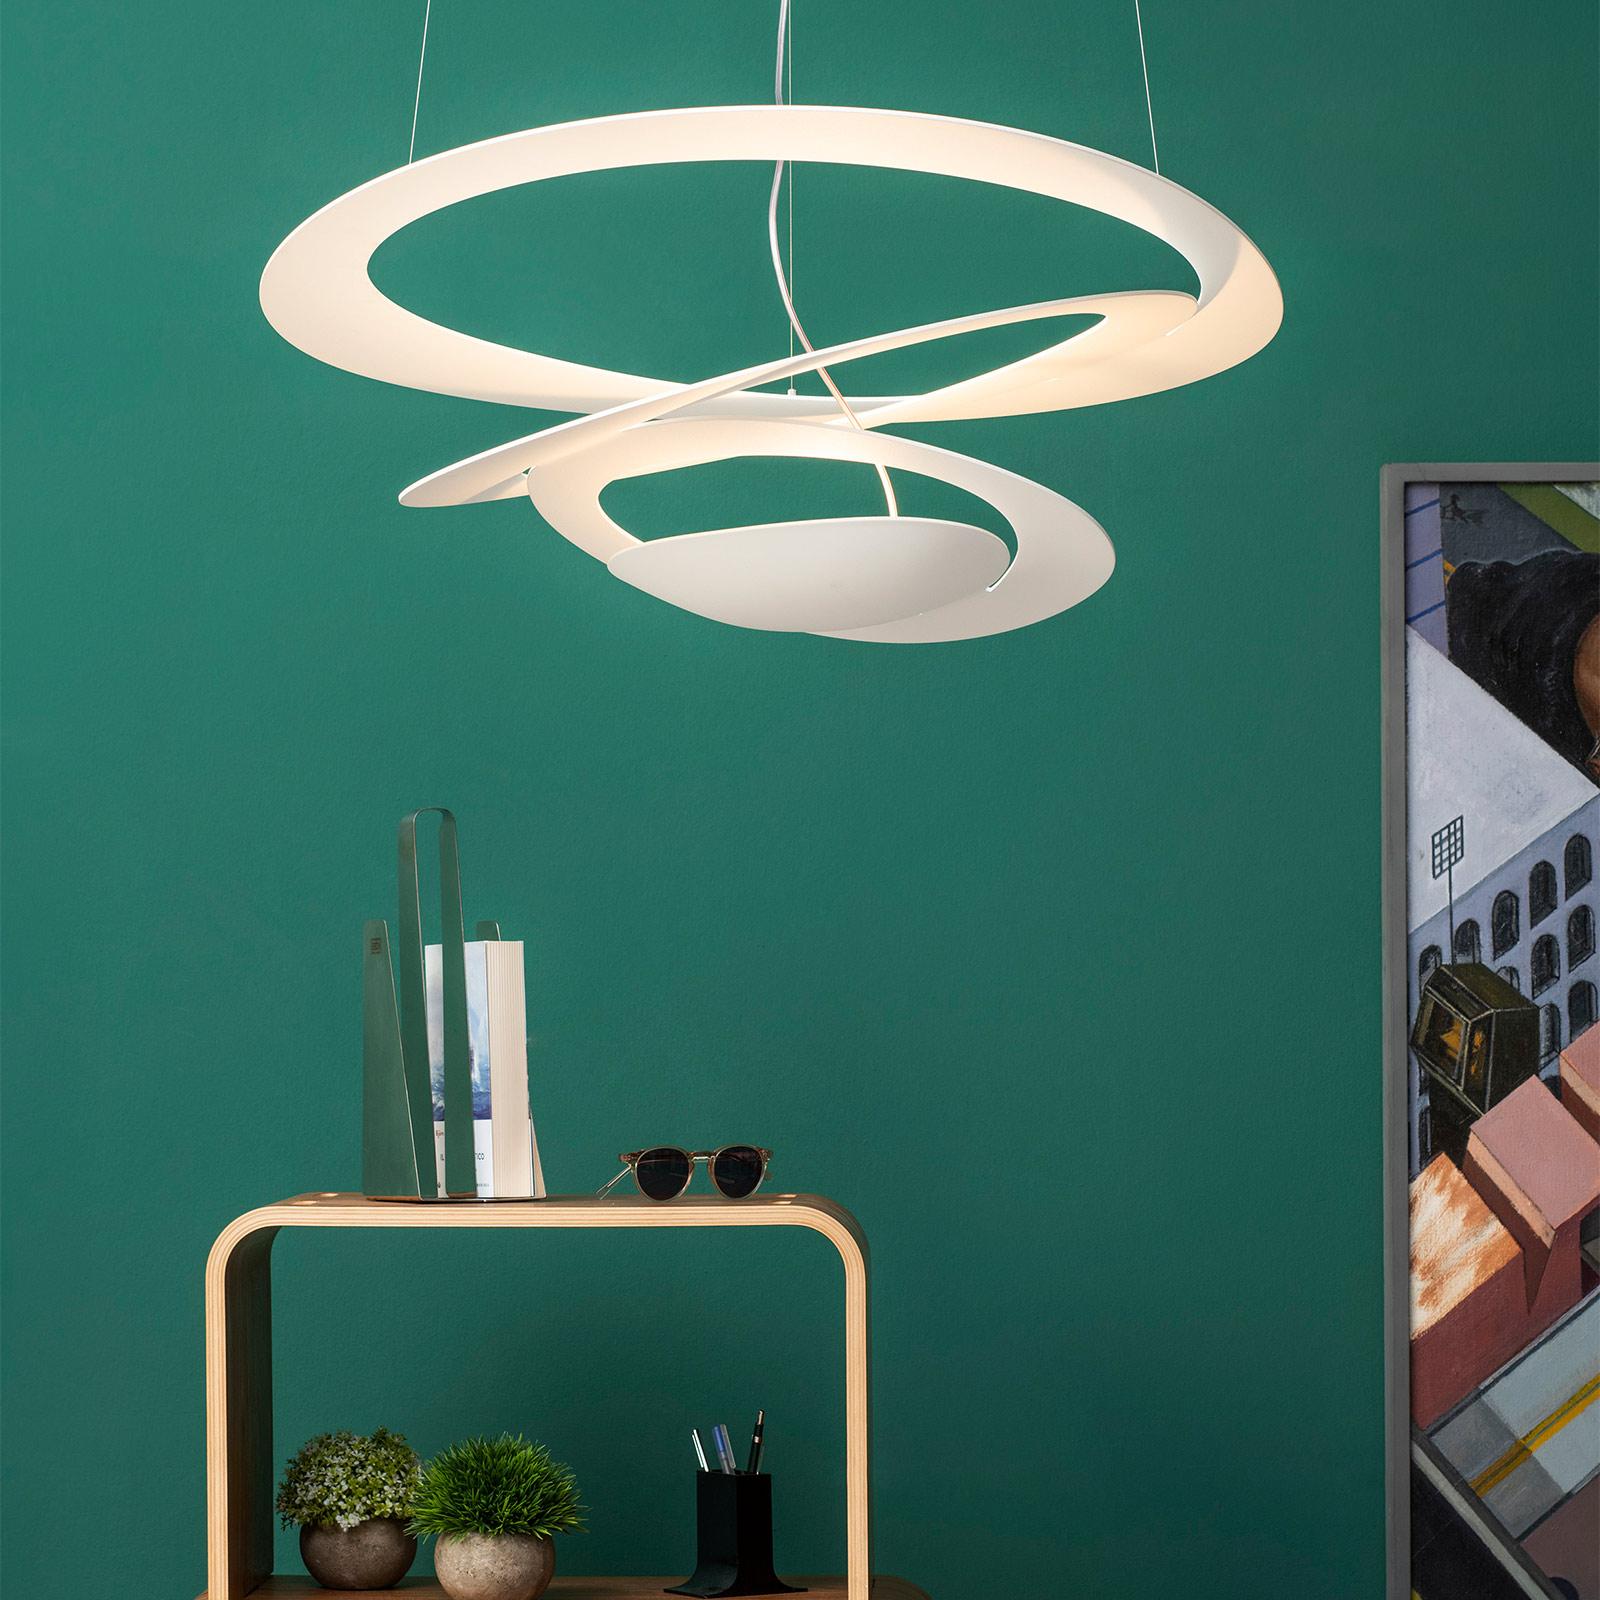 Hvid design hængelampe Pirce, 67x69 cm